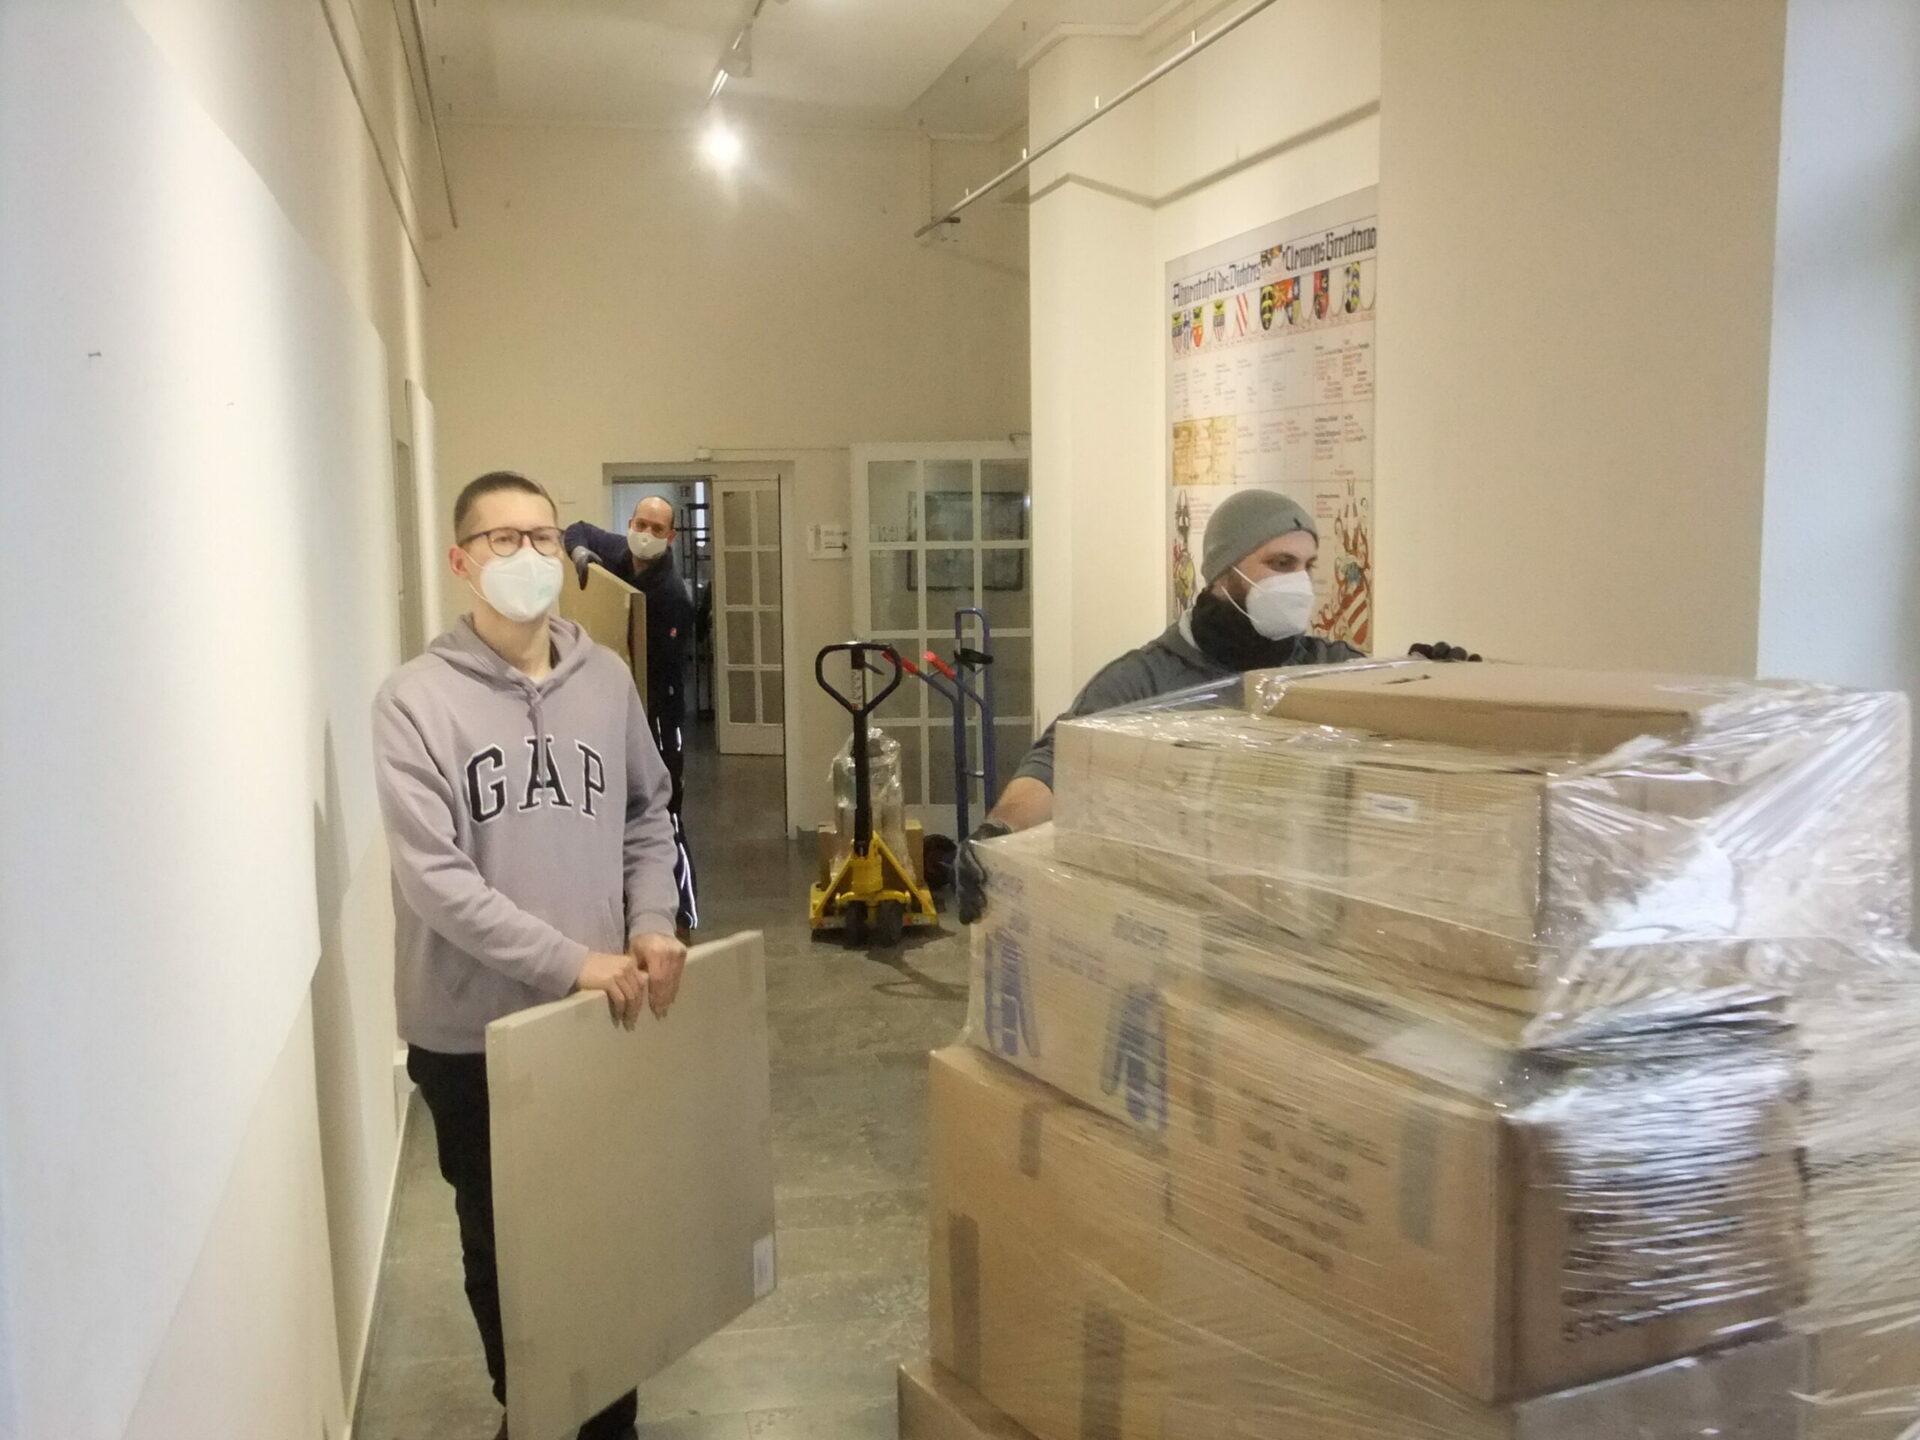 Die Graslitzer-Objekte sind am 12. März 2021, gut verpackt und gesichert, durch eine Spedition nach München transportiert worden (Foto: Justyna Baumgart, Stadt- und Stiftsarchiv Aschaffenburg)